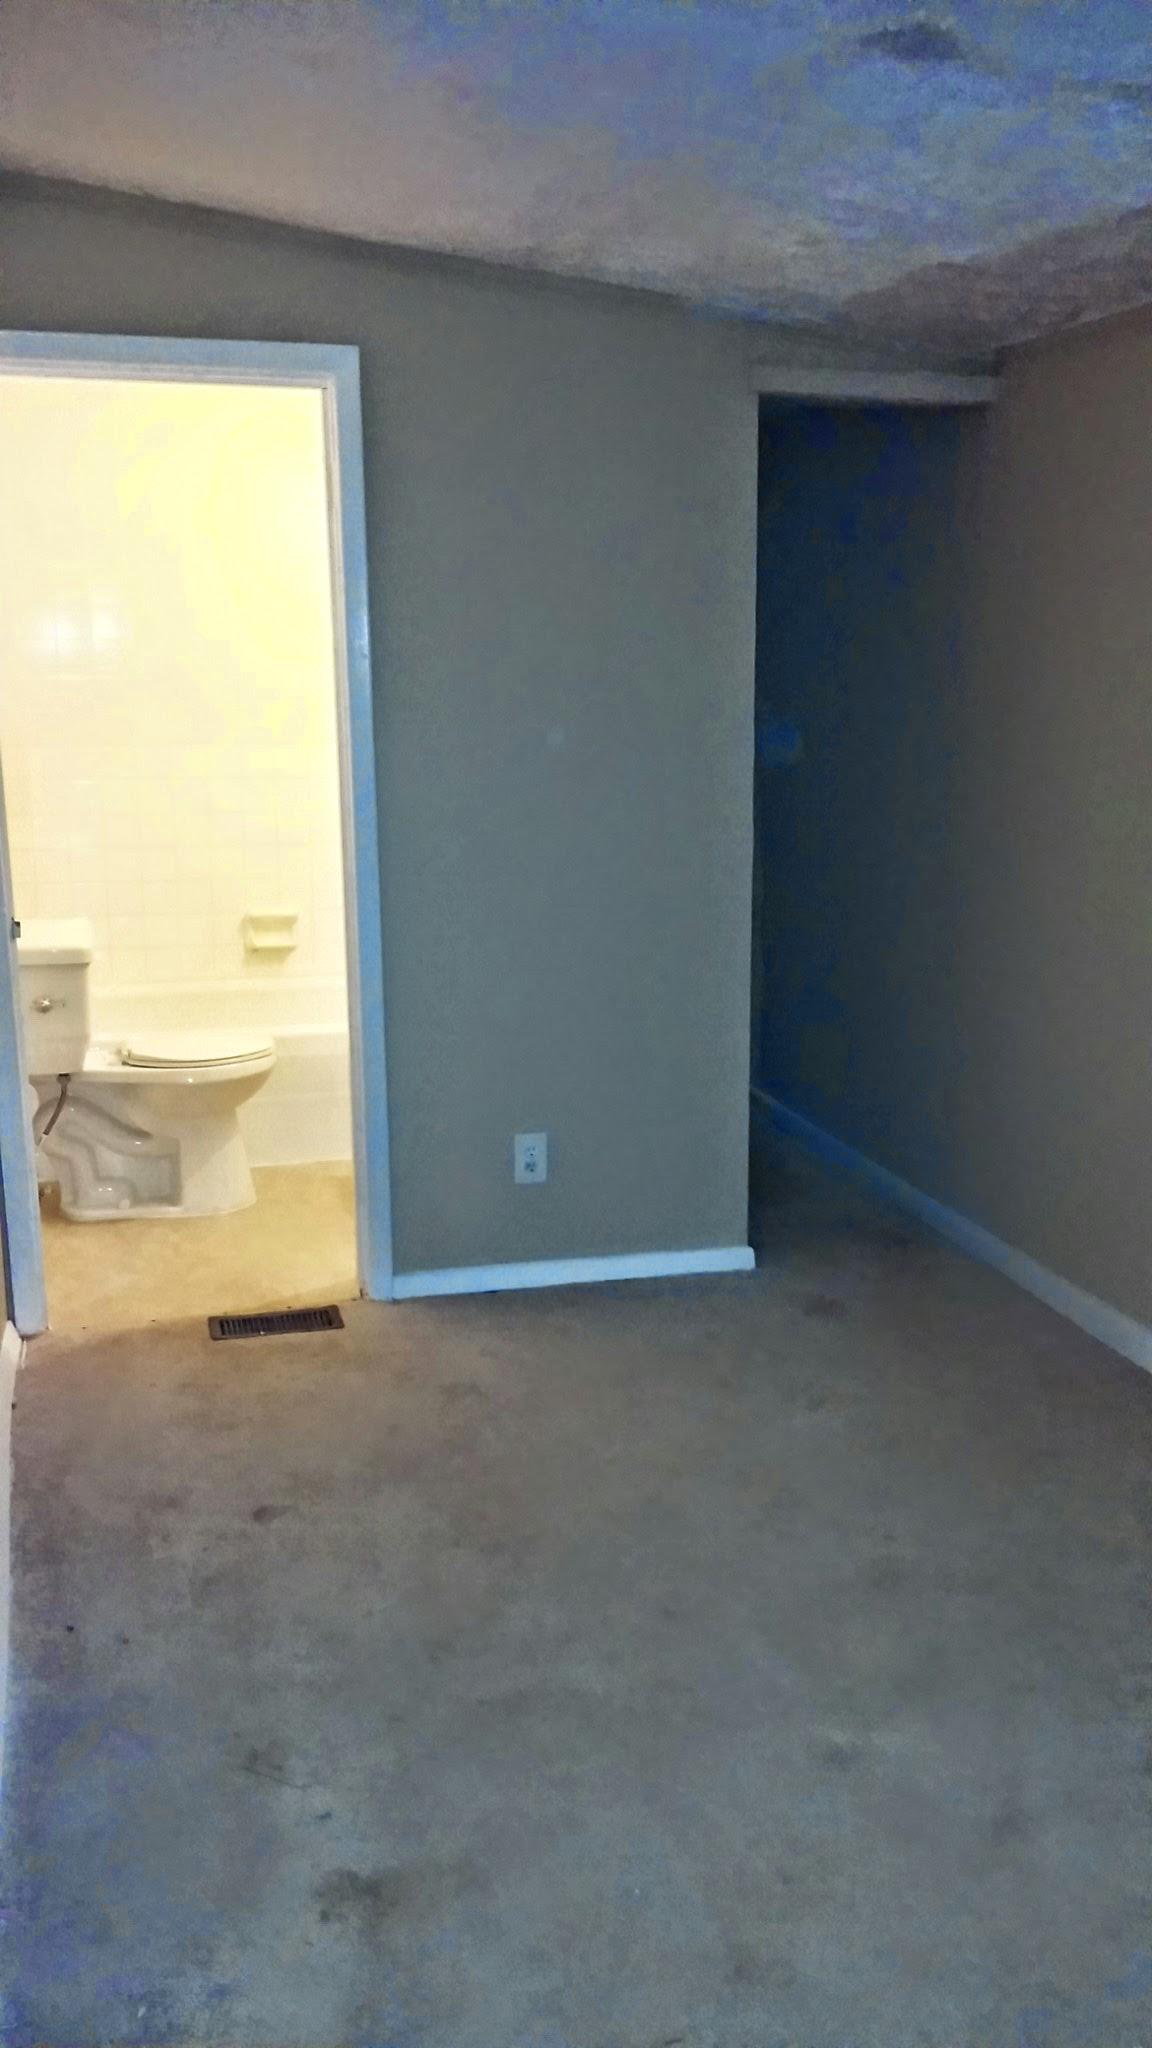 Bathroom/Hallway